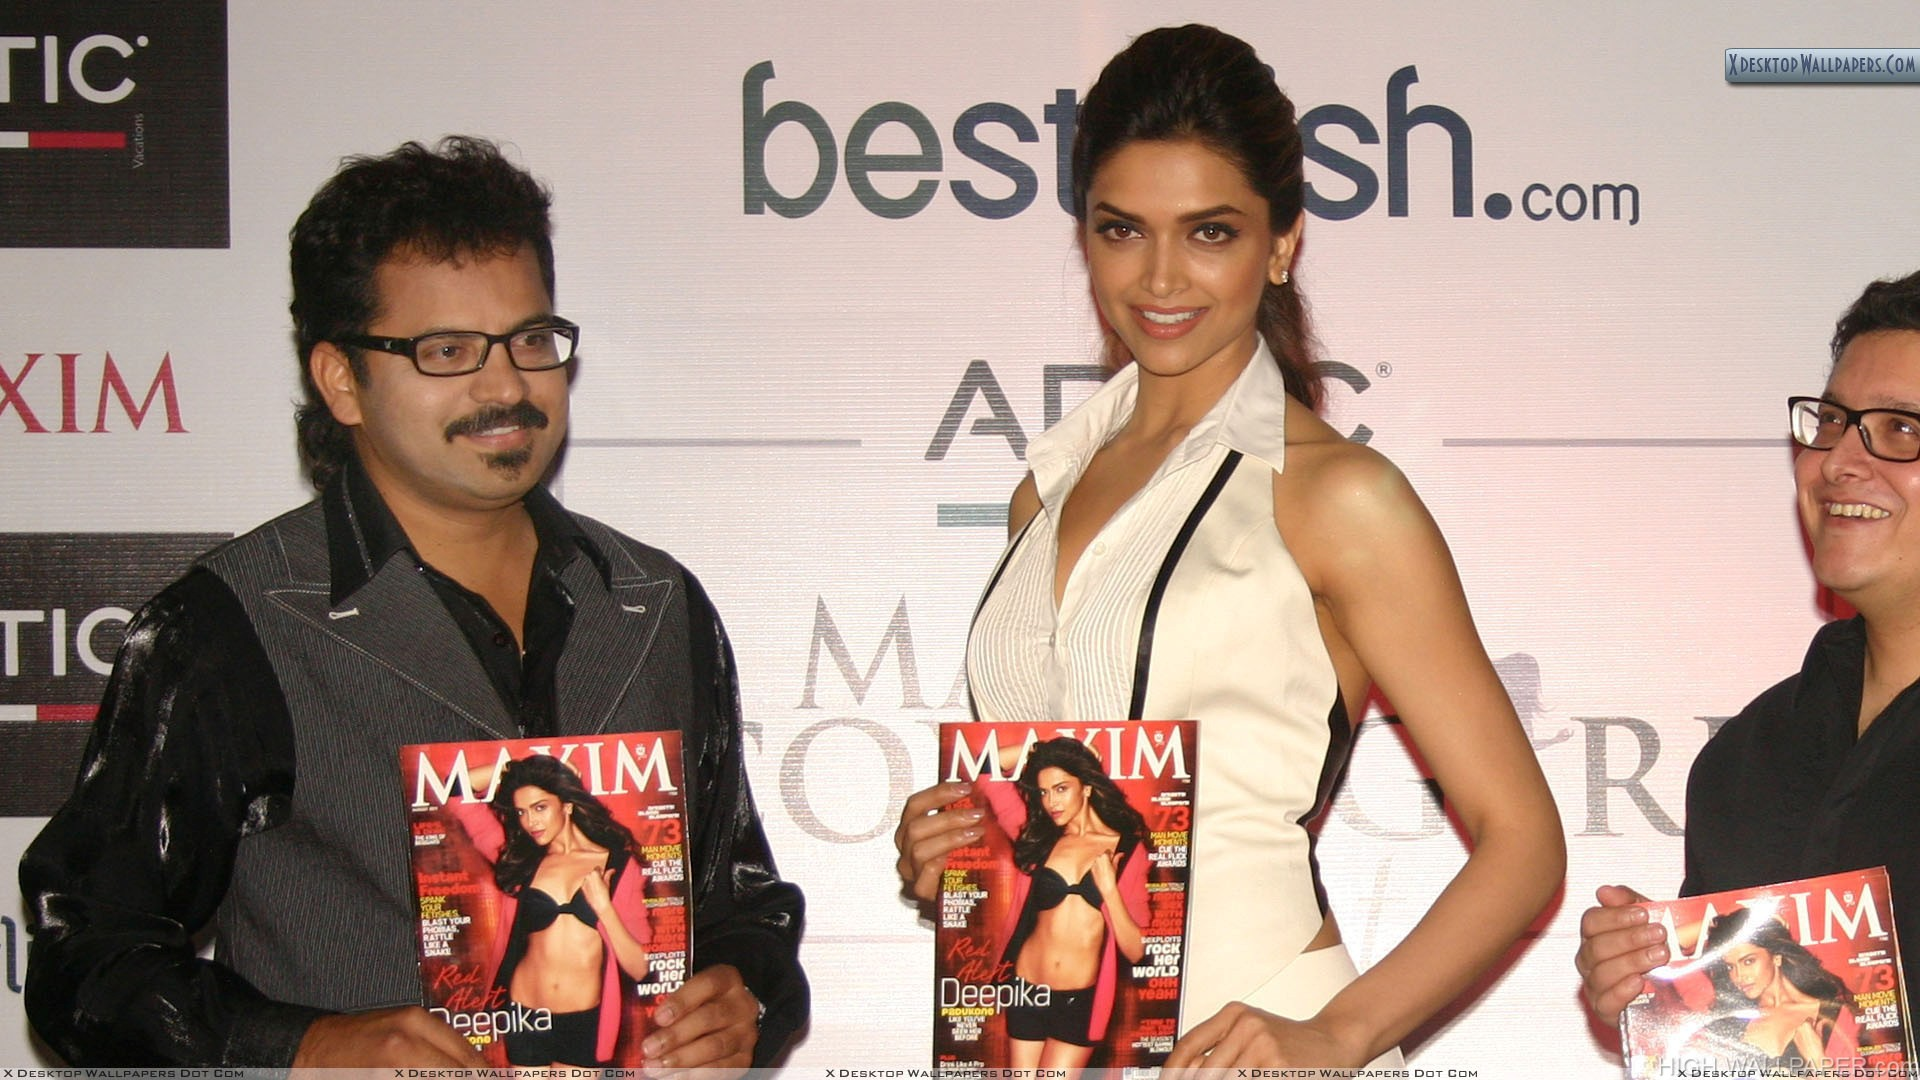 Deepika Padukone In Event Showing Makim Magzine